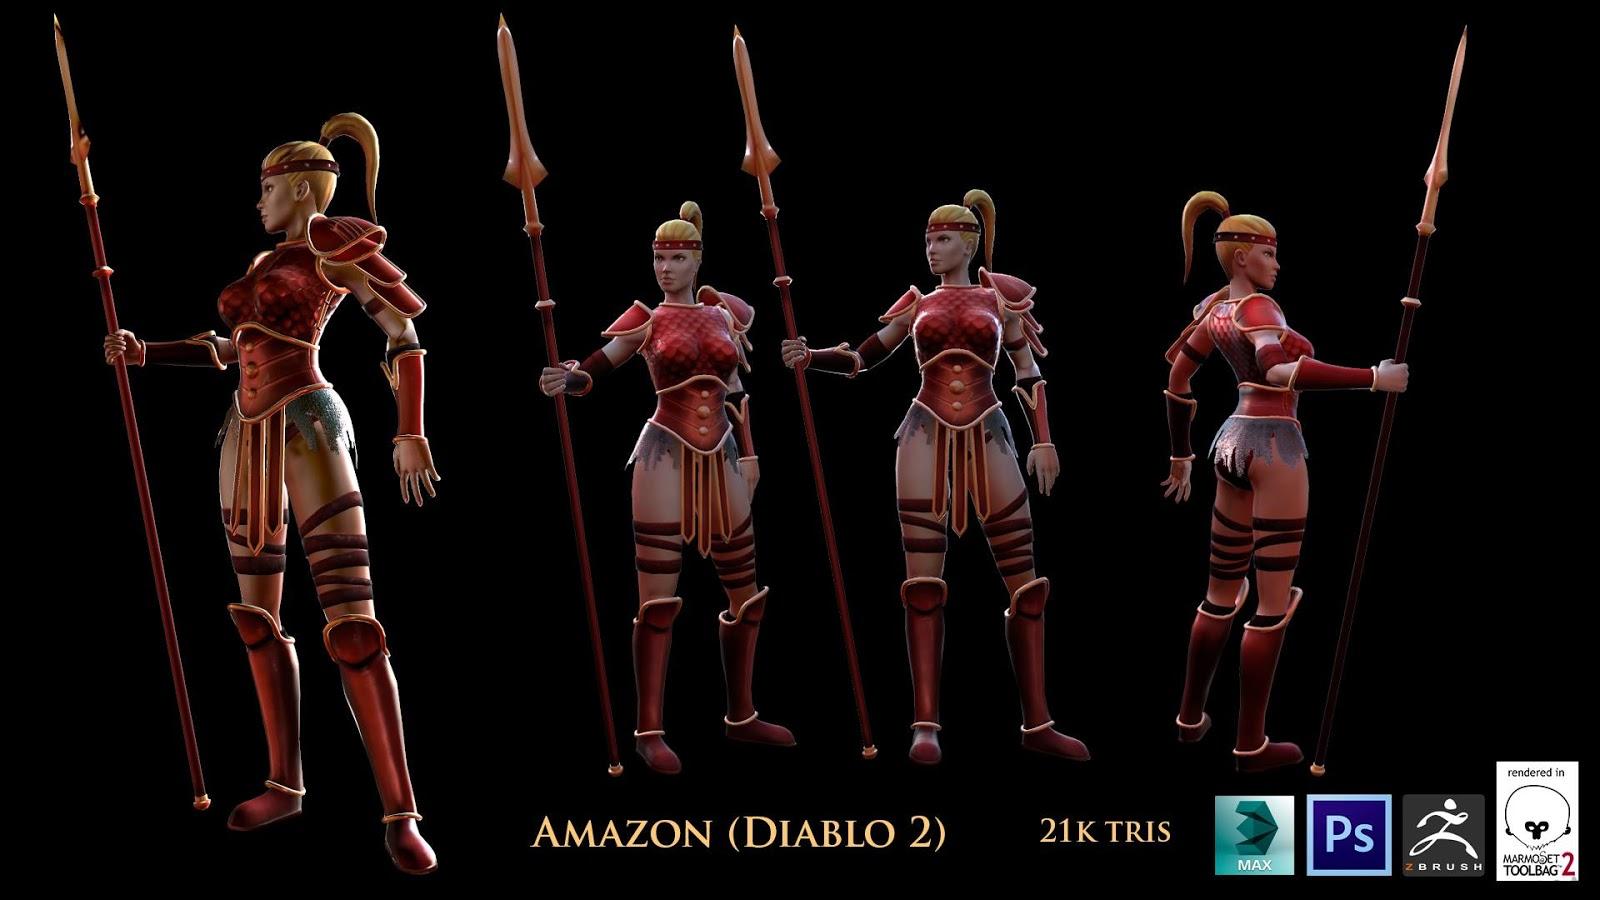 Diablo 2 amazon titties naked image